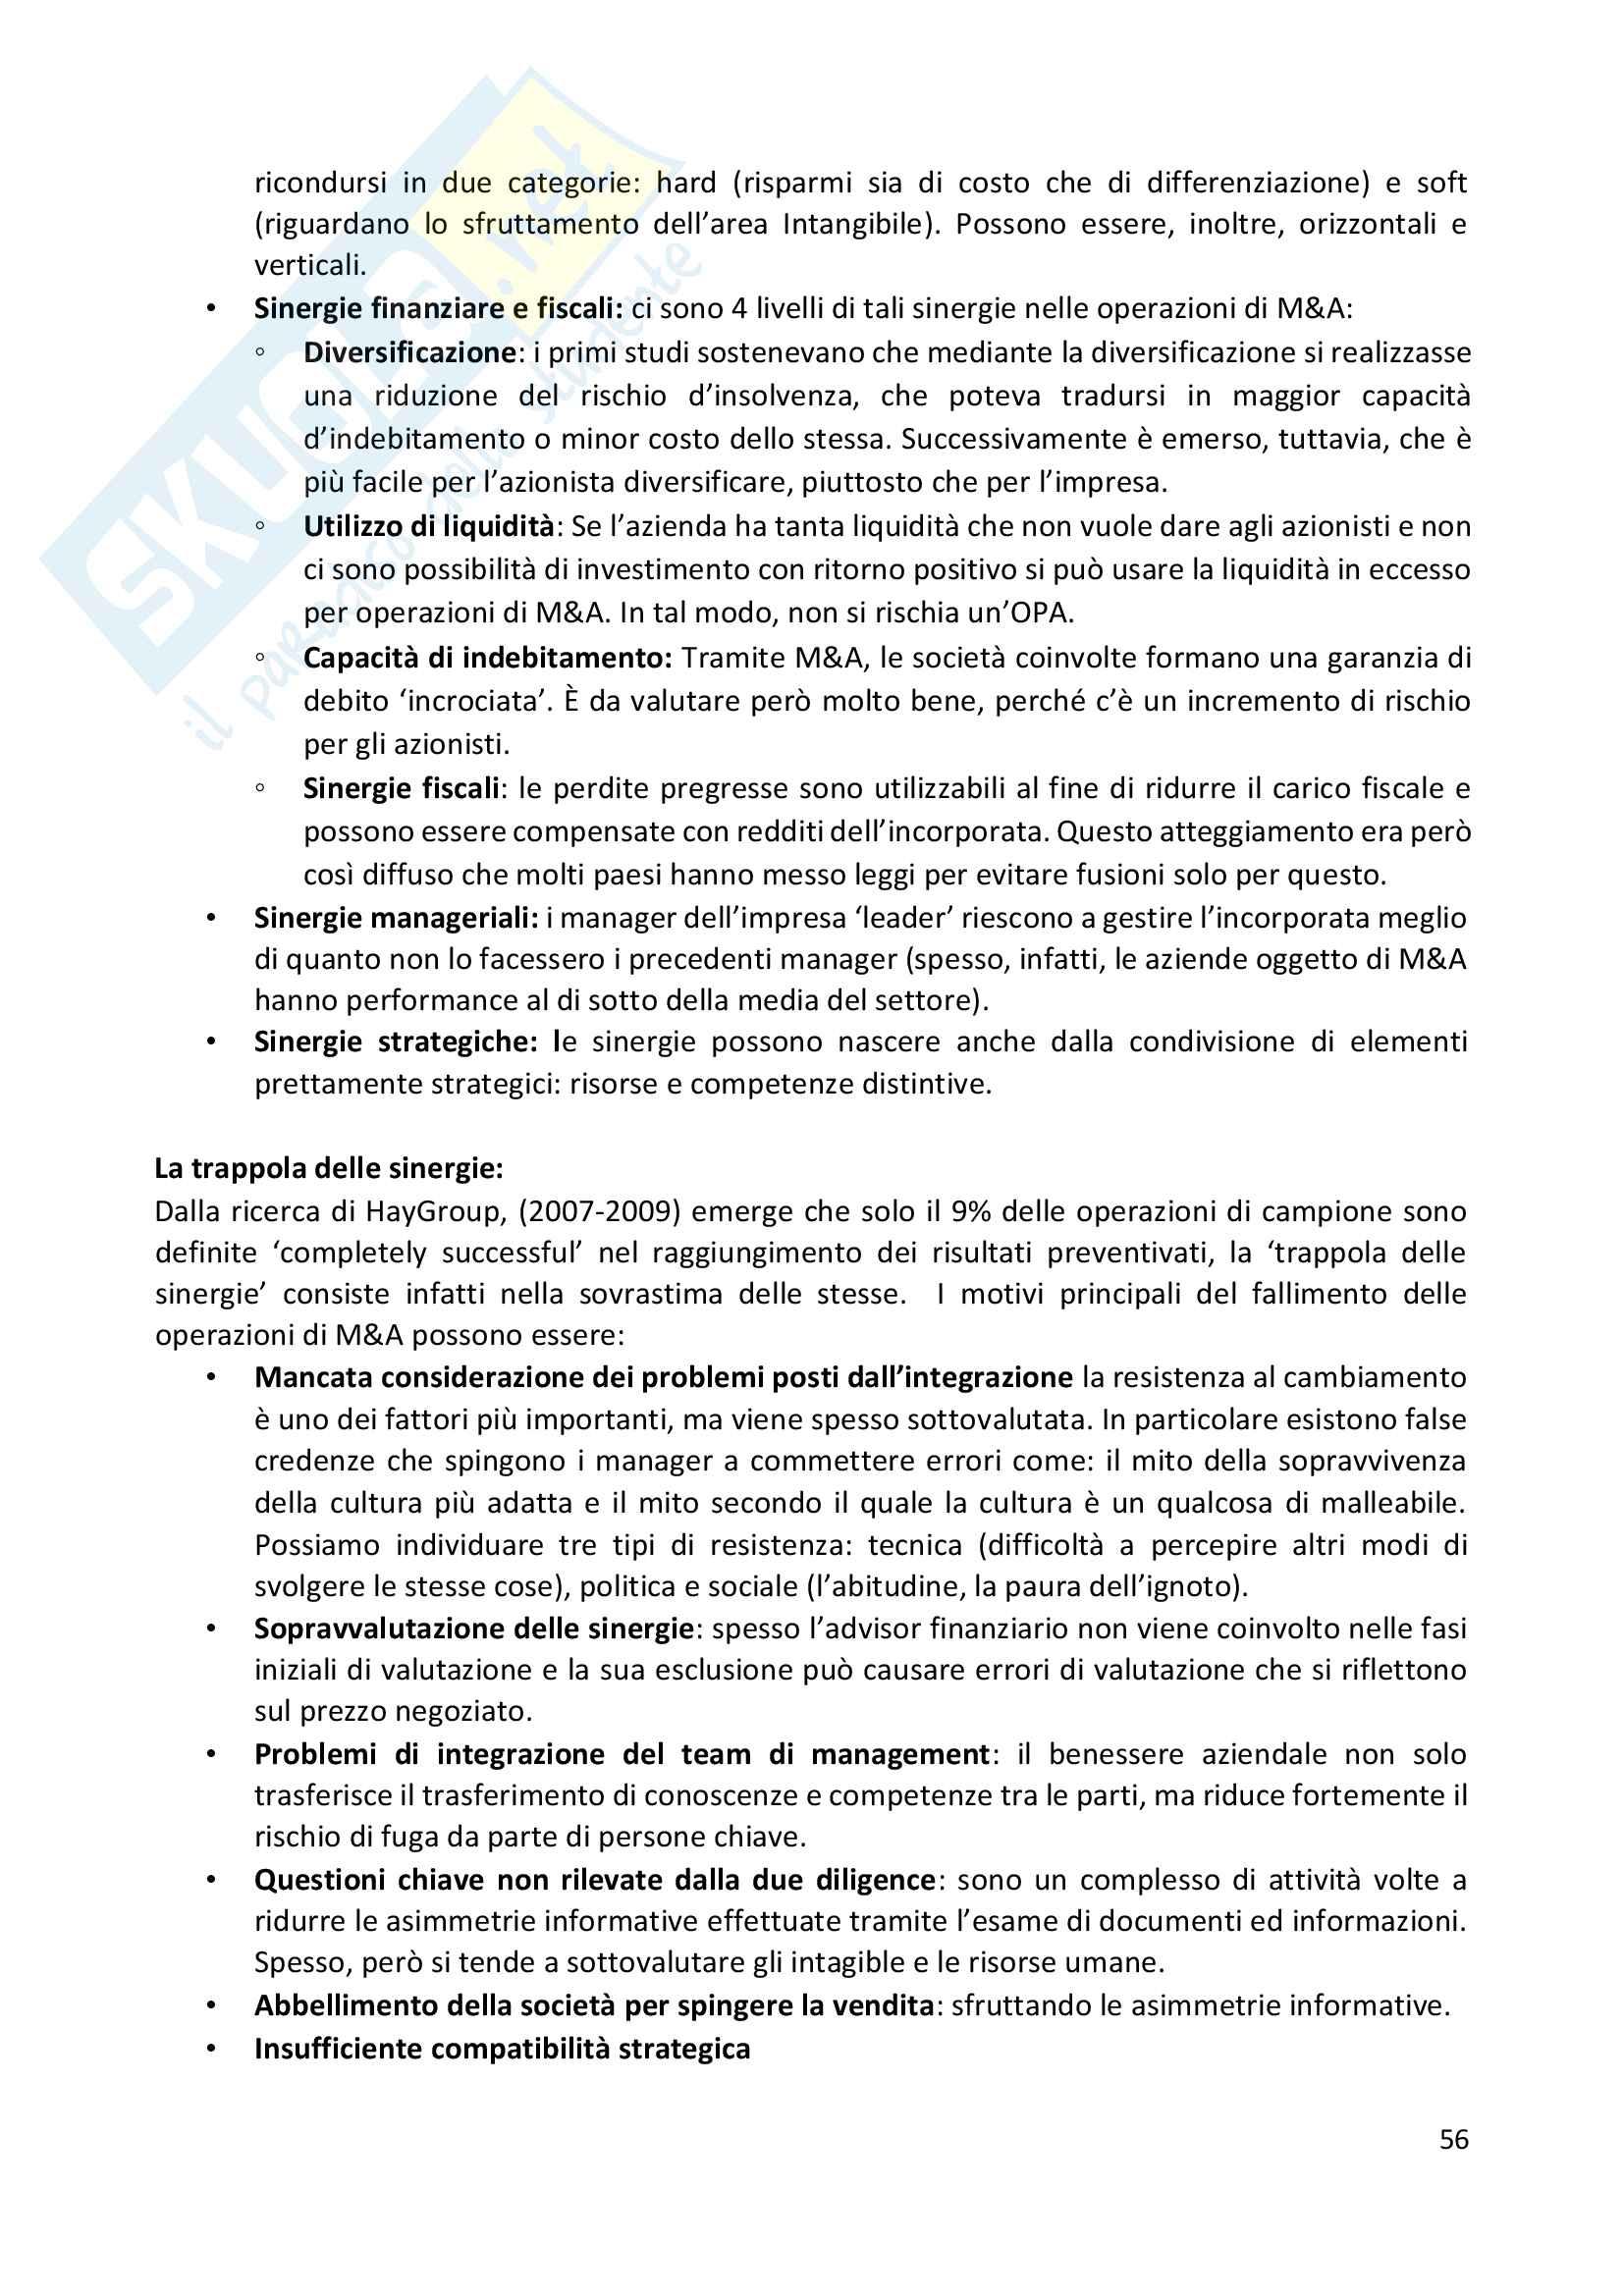 Riassunto esame Corporate Finance, prof. Miglietta-Schiesari Pag. 56